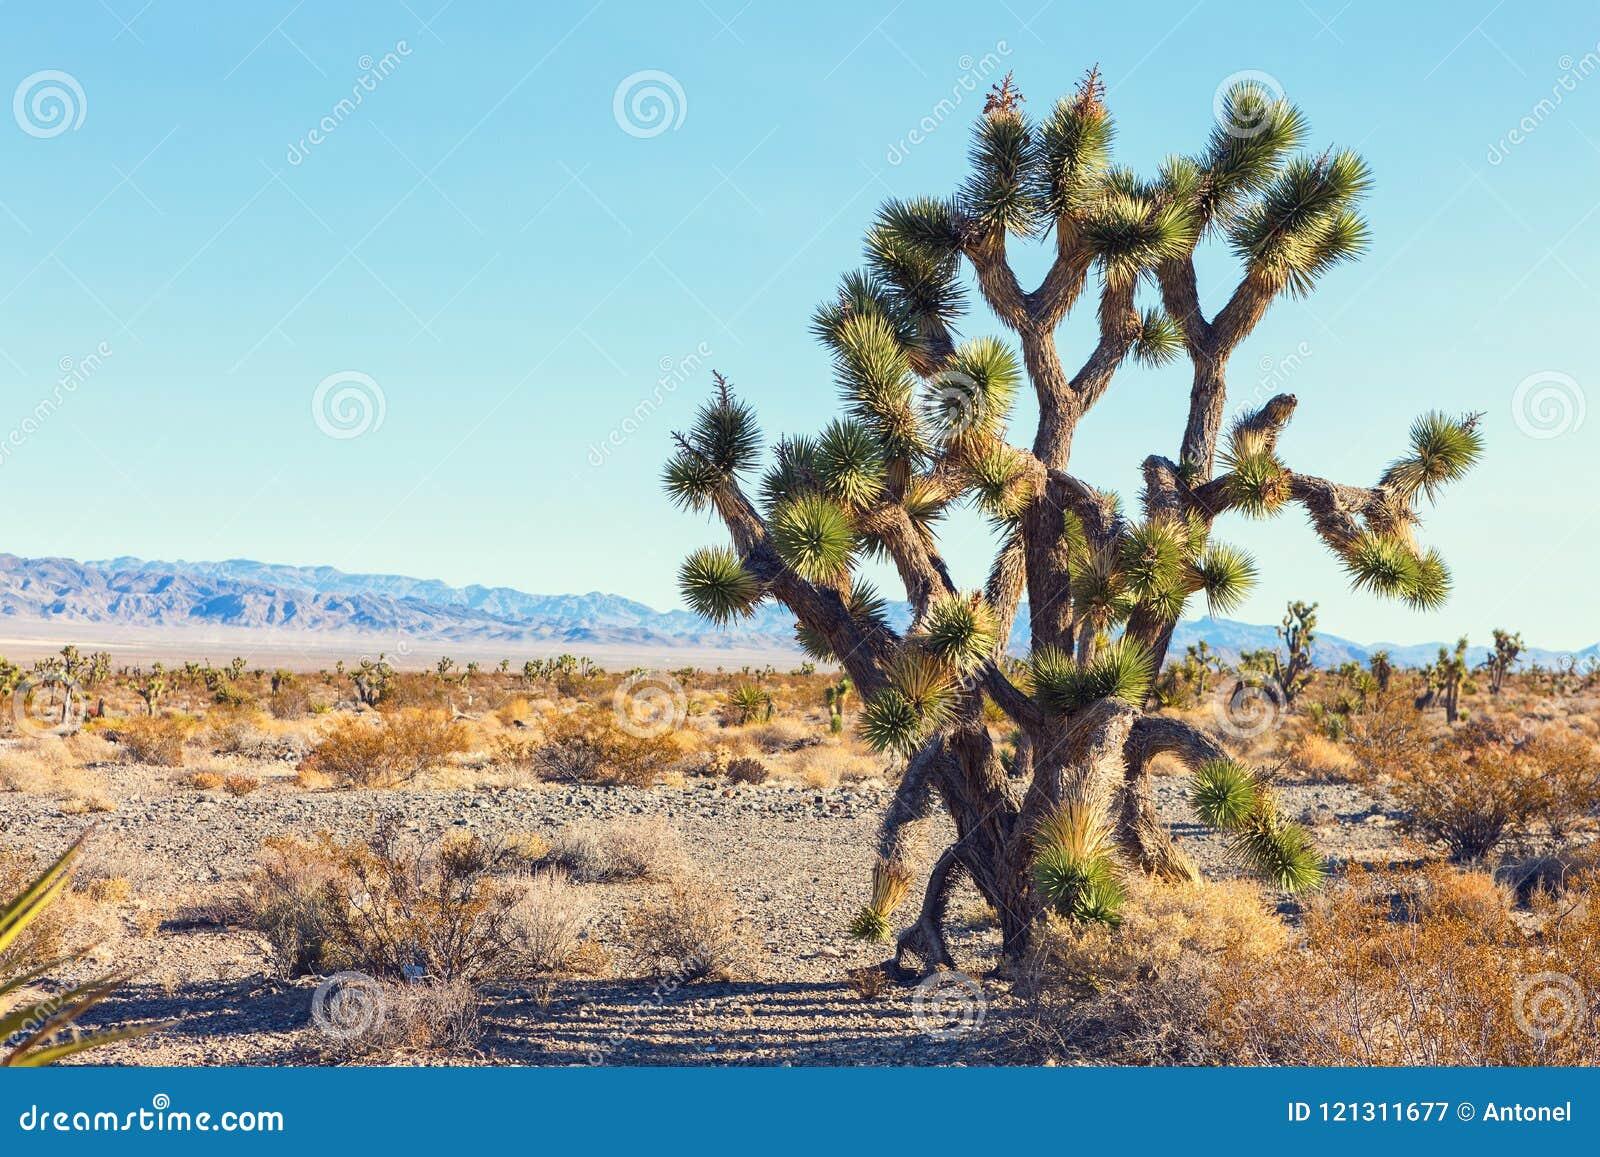 Duży Joshua drzewo w Mojave Deserte, Kalifornia, Stany Zjednoczone